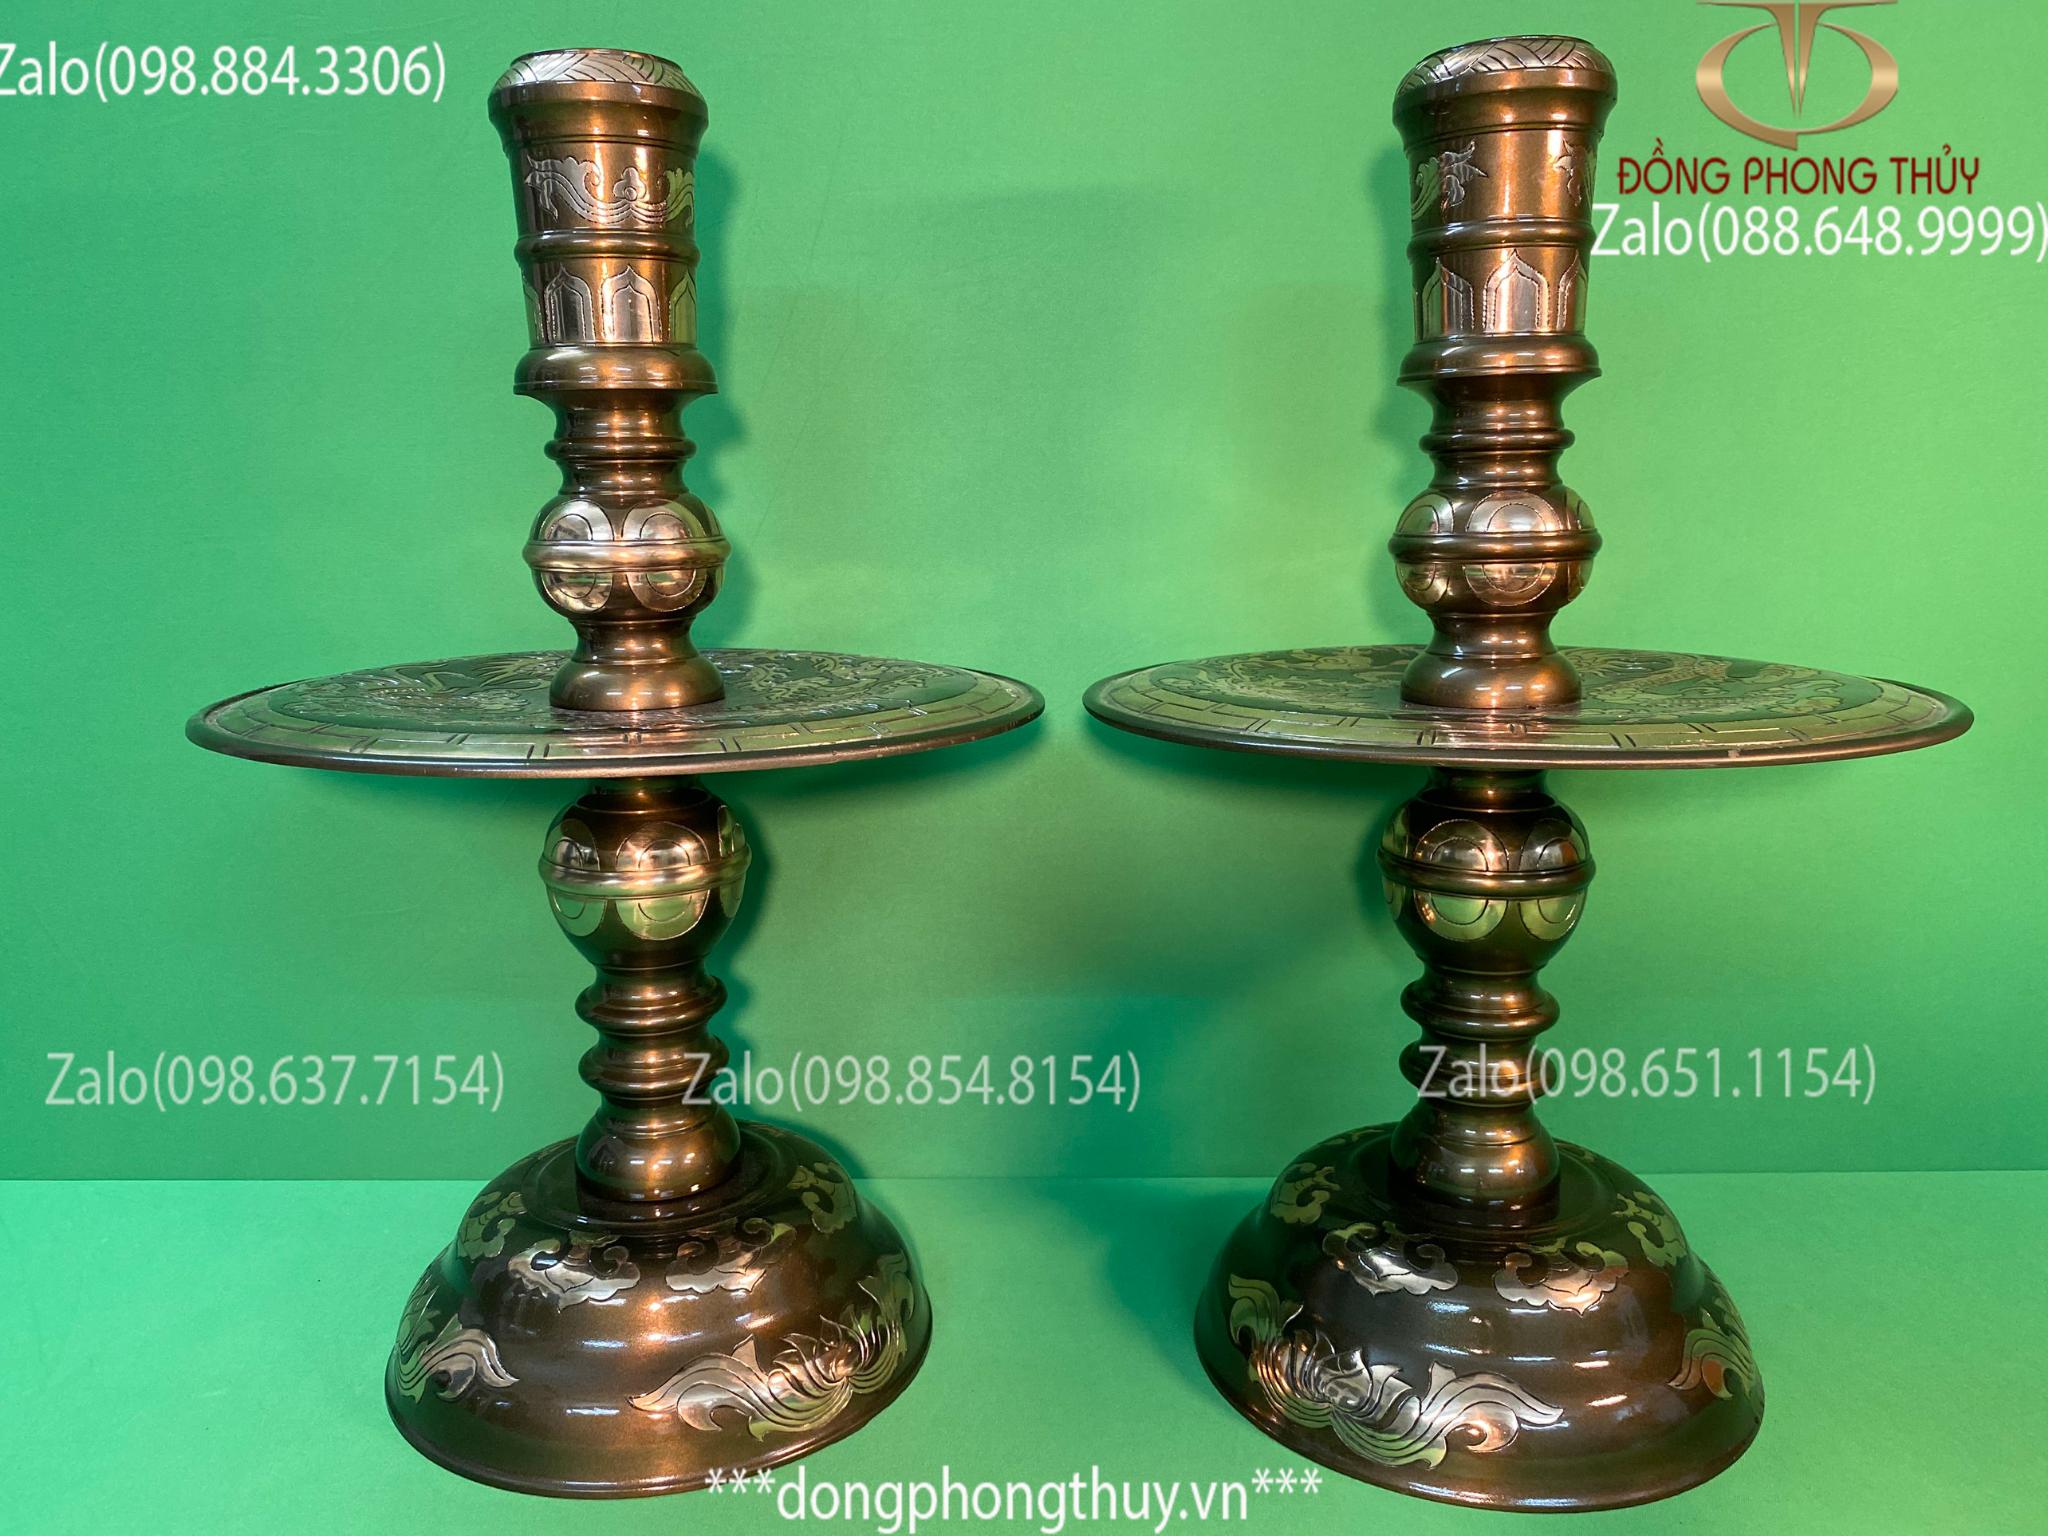 Chân nến thờ đôi chân nến bằng đồng giá chân nến đồng chân nến bàn thờ cao 54cm nặng 14,3kg bằng đồng đỏ